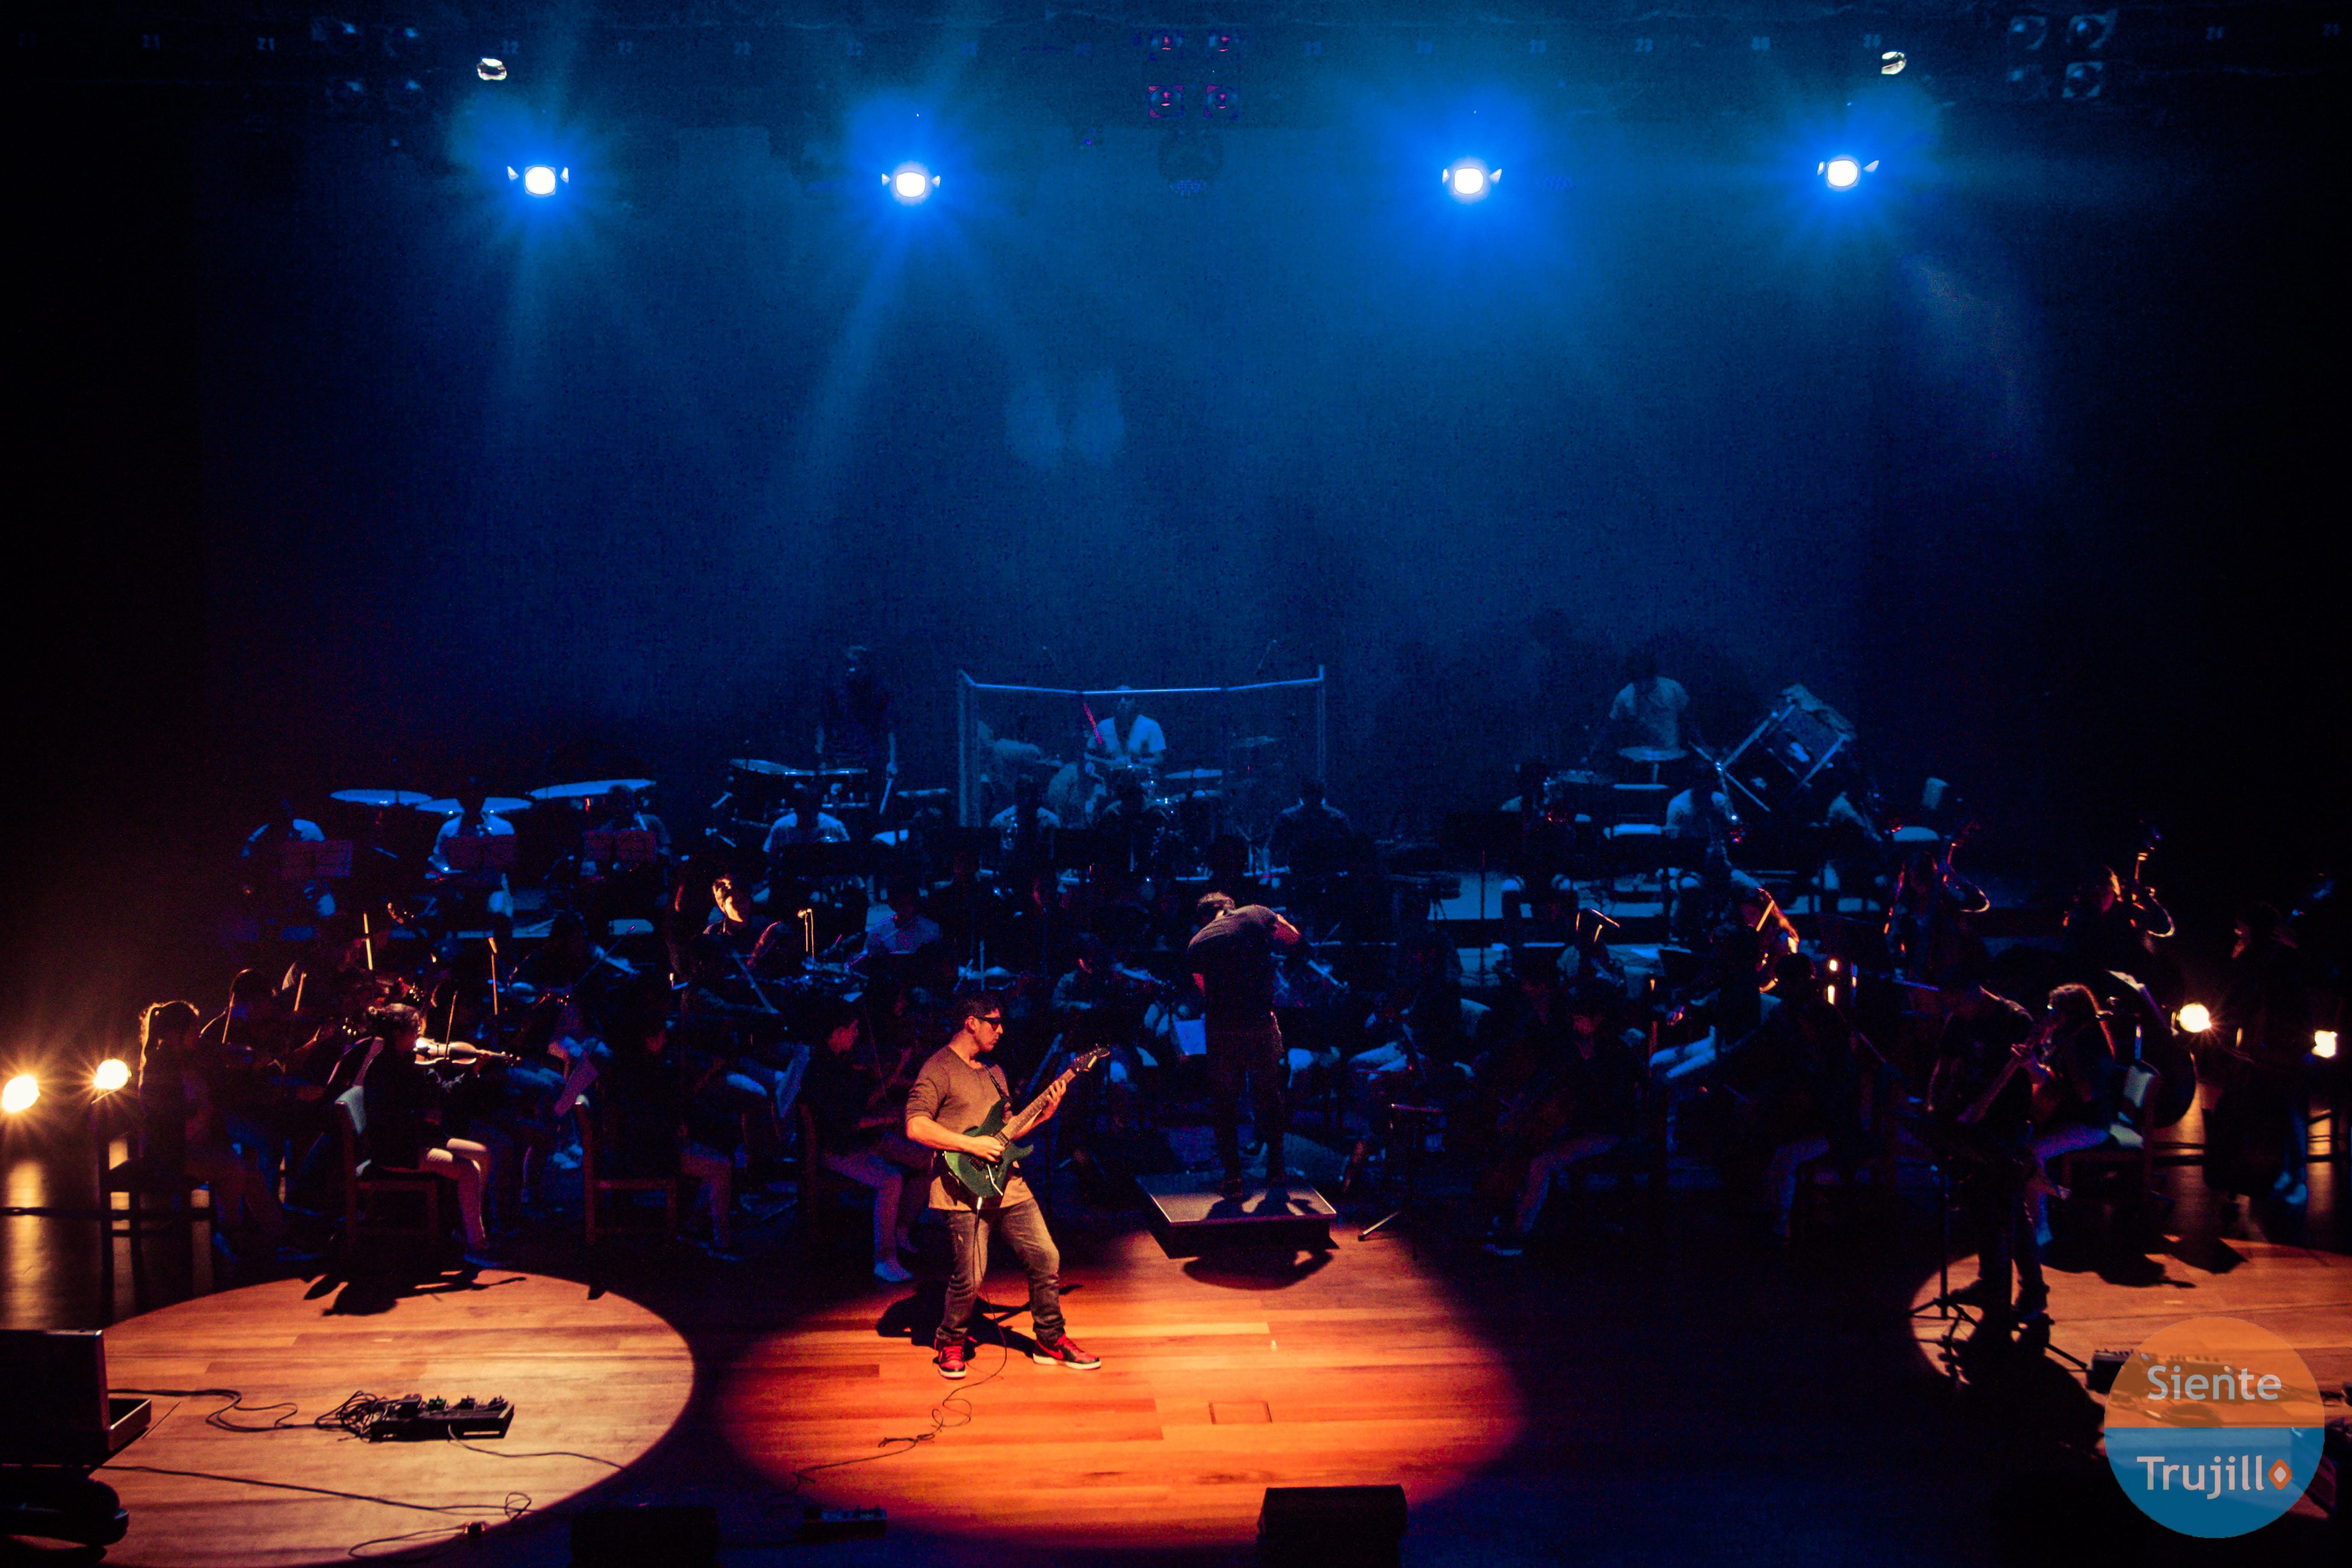 Teatro UPAO